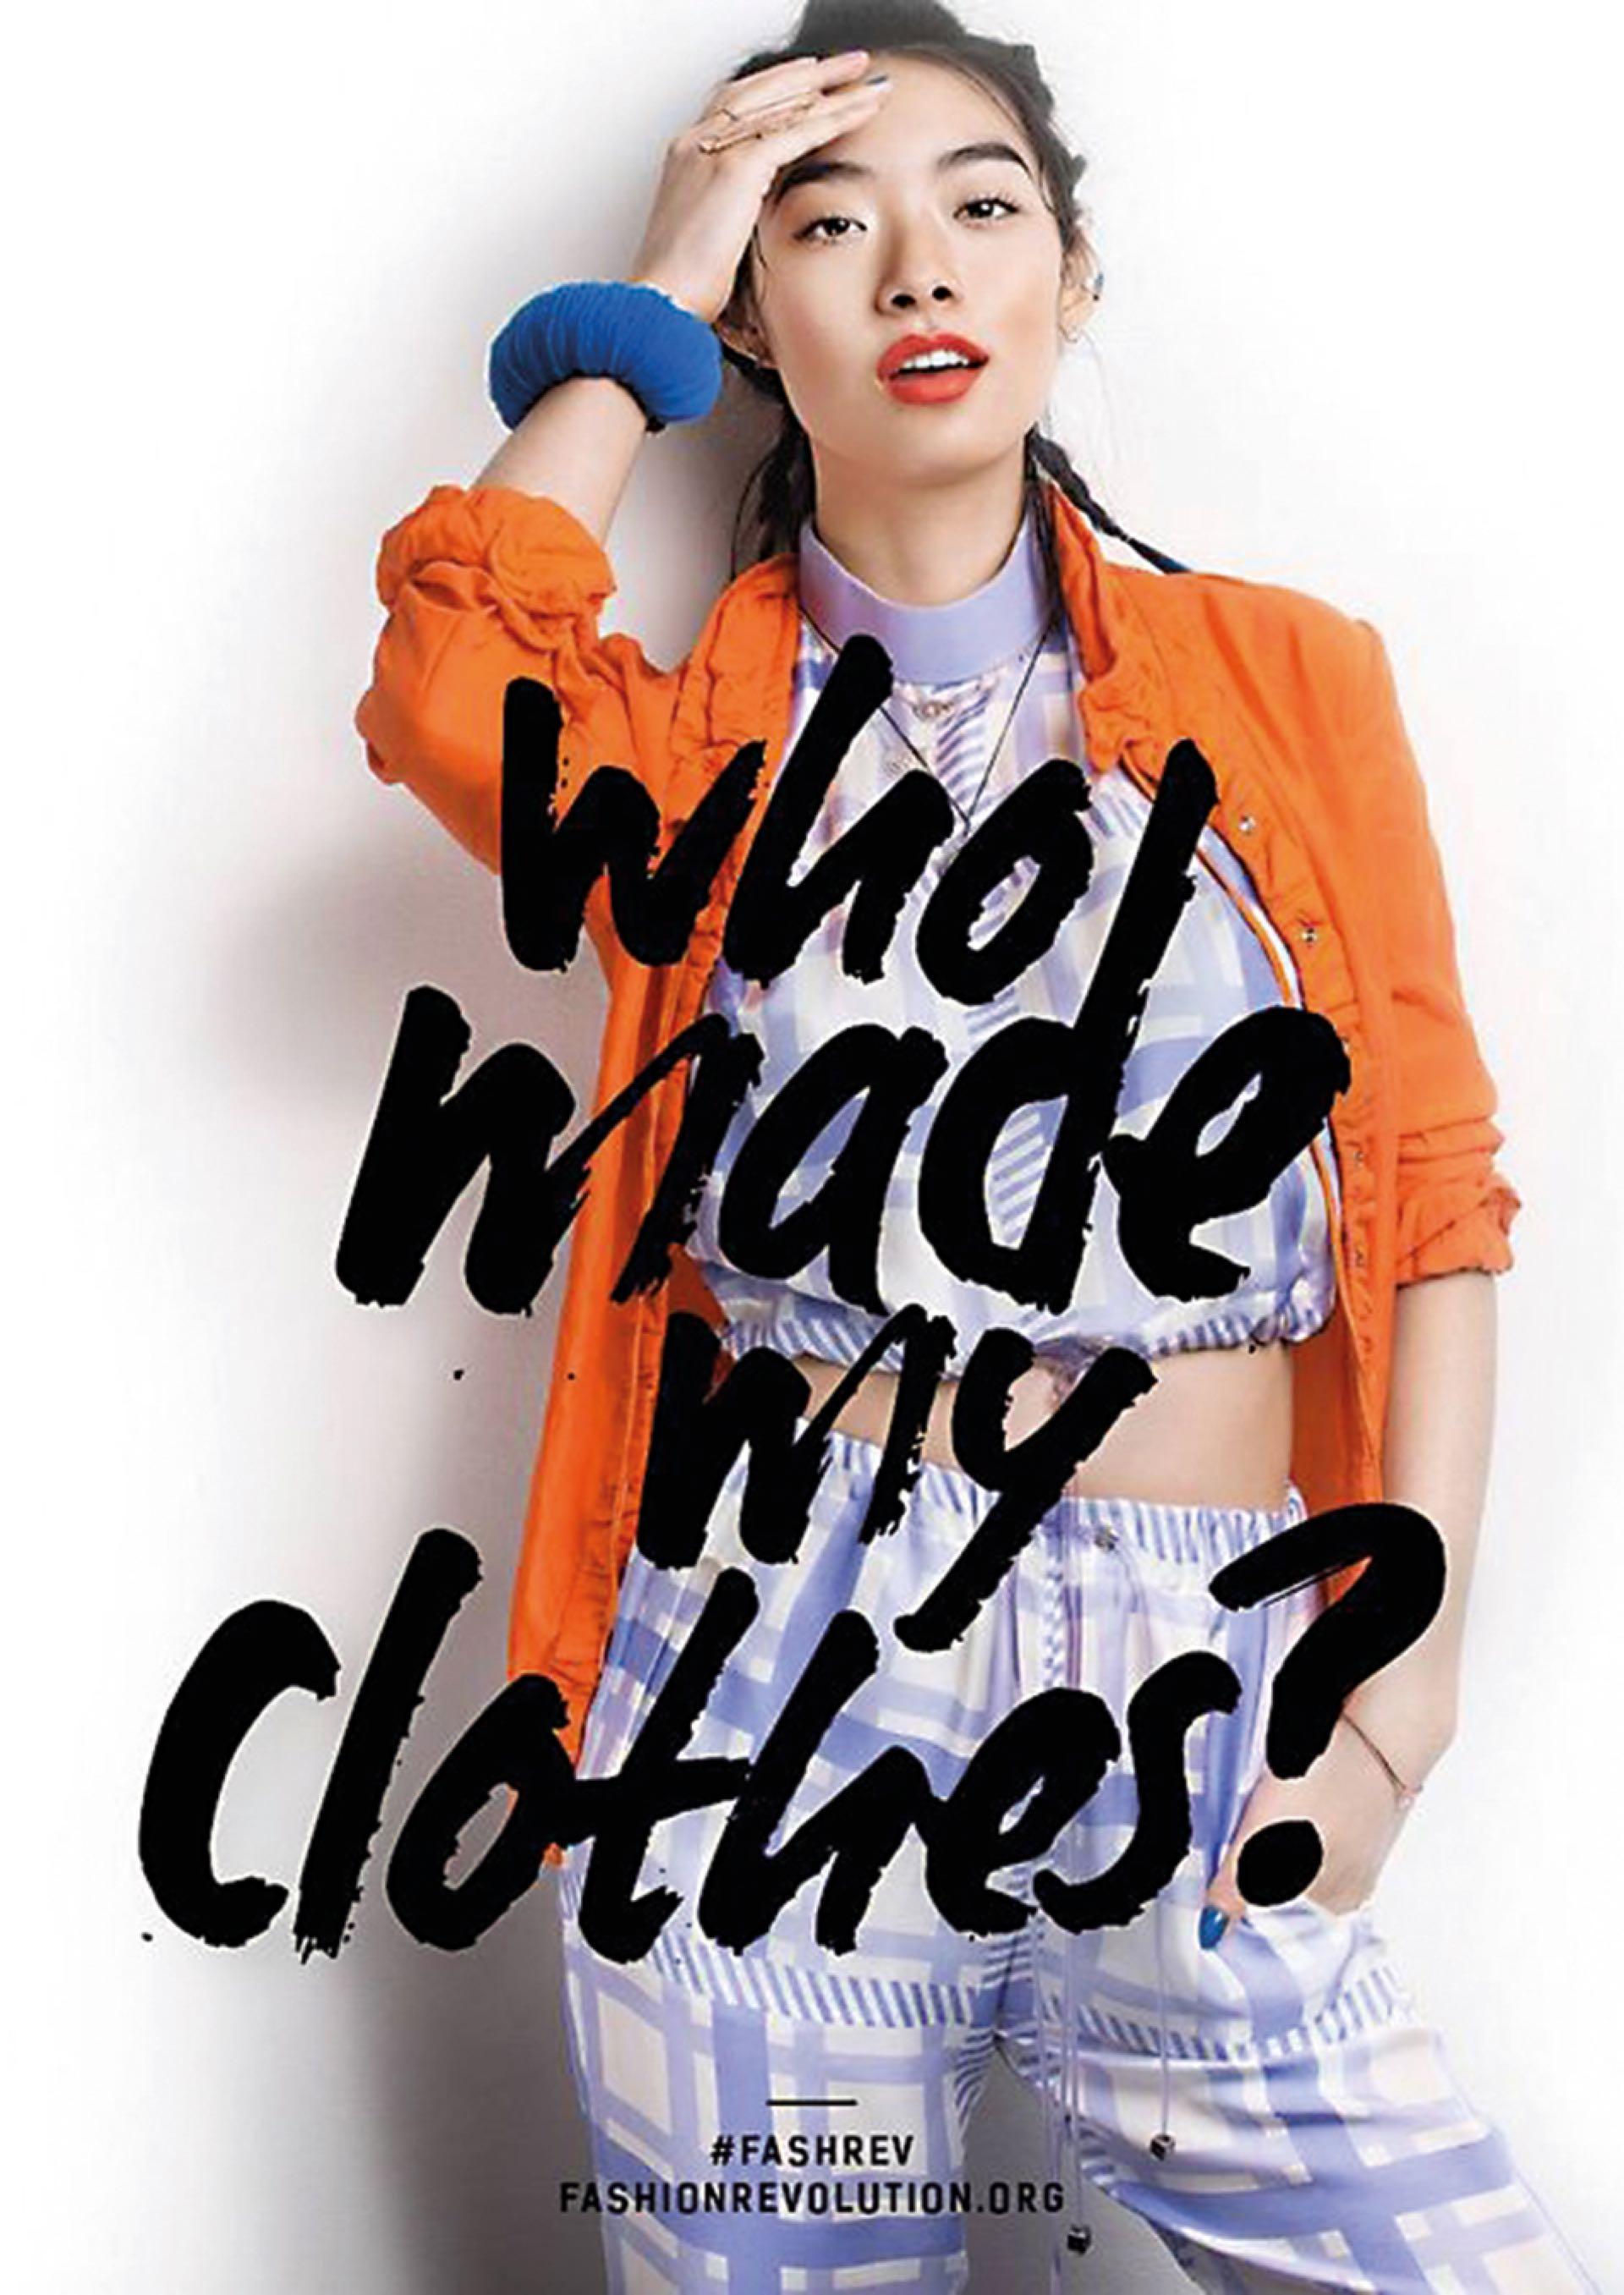 """El movimiento sustentable e invita a marcas y consumidores a preguntarse por el proceso de producción de la ropa que usamos. """"¿Quién hizo mi ropa? o Who made my clothes?"""" es la llave de una campaña que cada vez tiene más adeptos."""